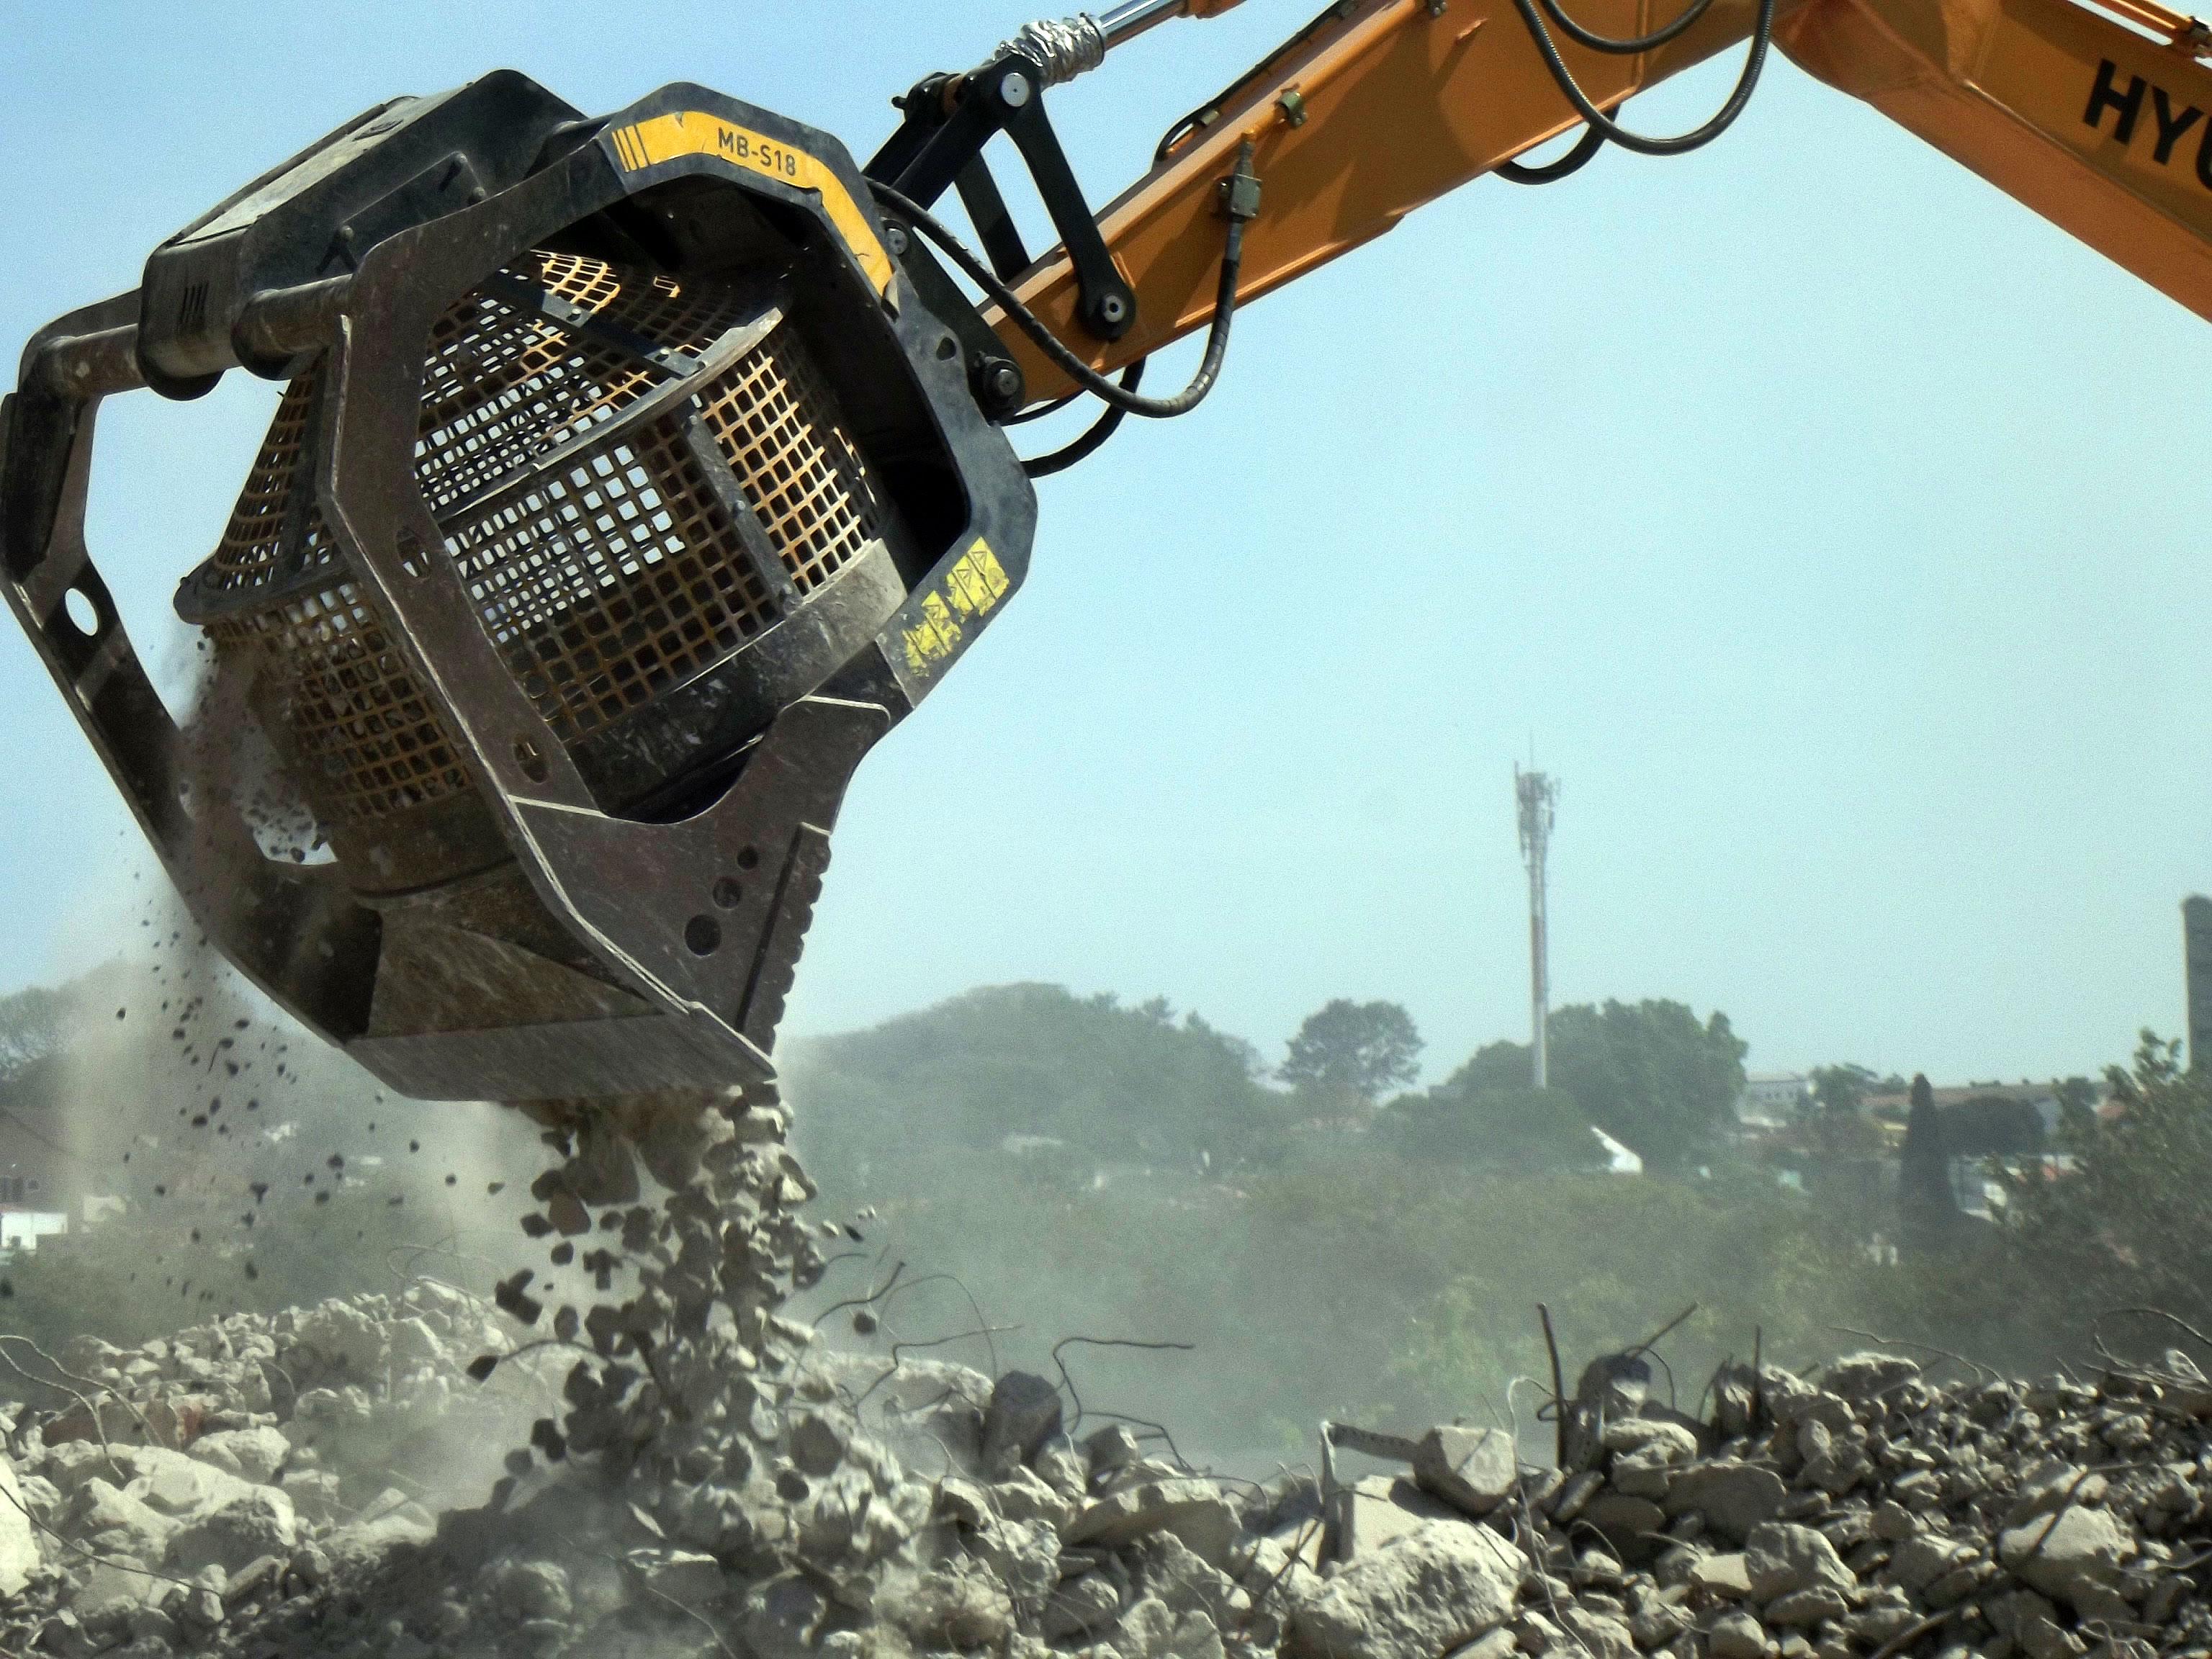 Caçamba-trituradeira: equipamento recicla até 20 m³ de concreto por hora